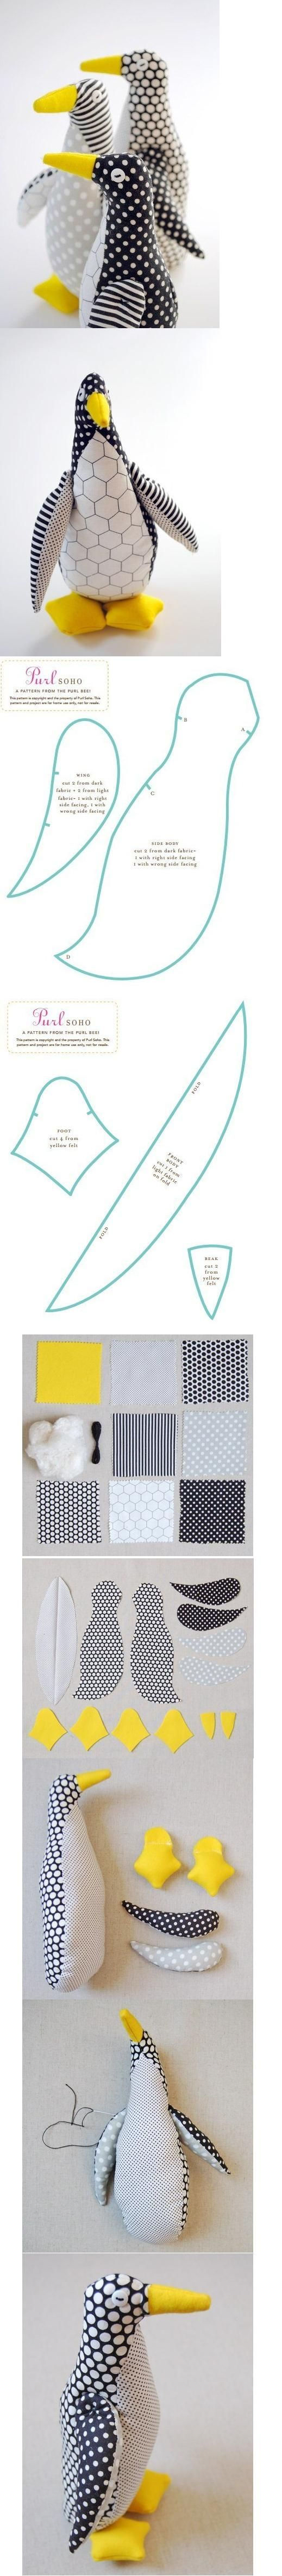 DIY Fabric Penguin